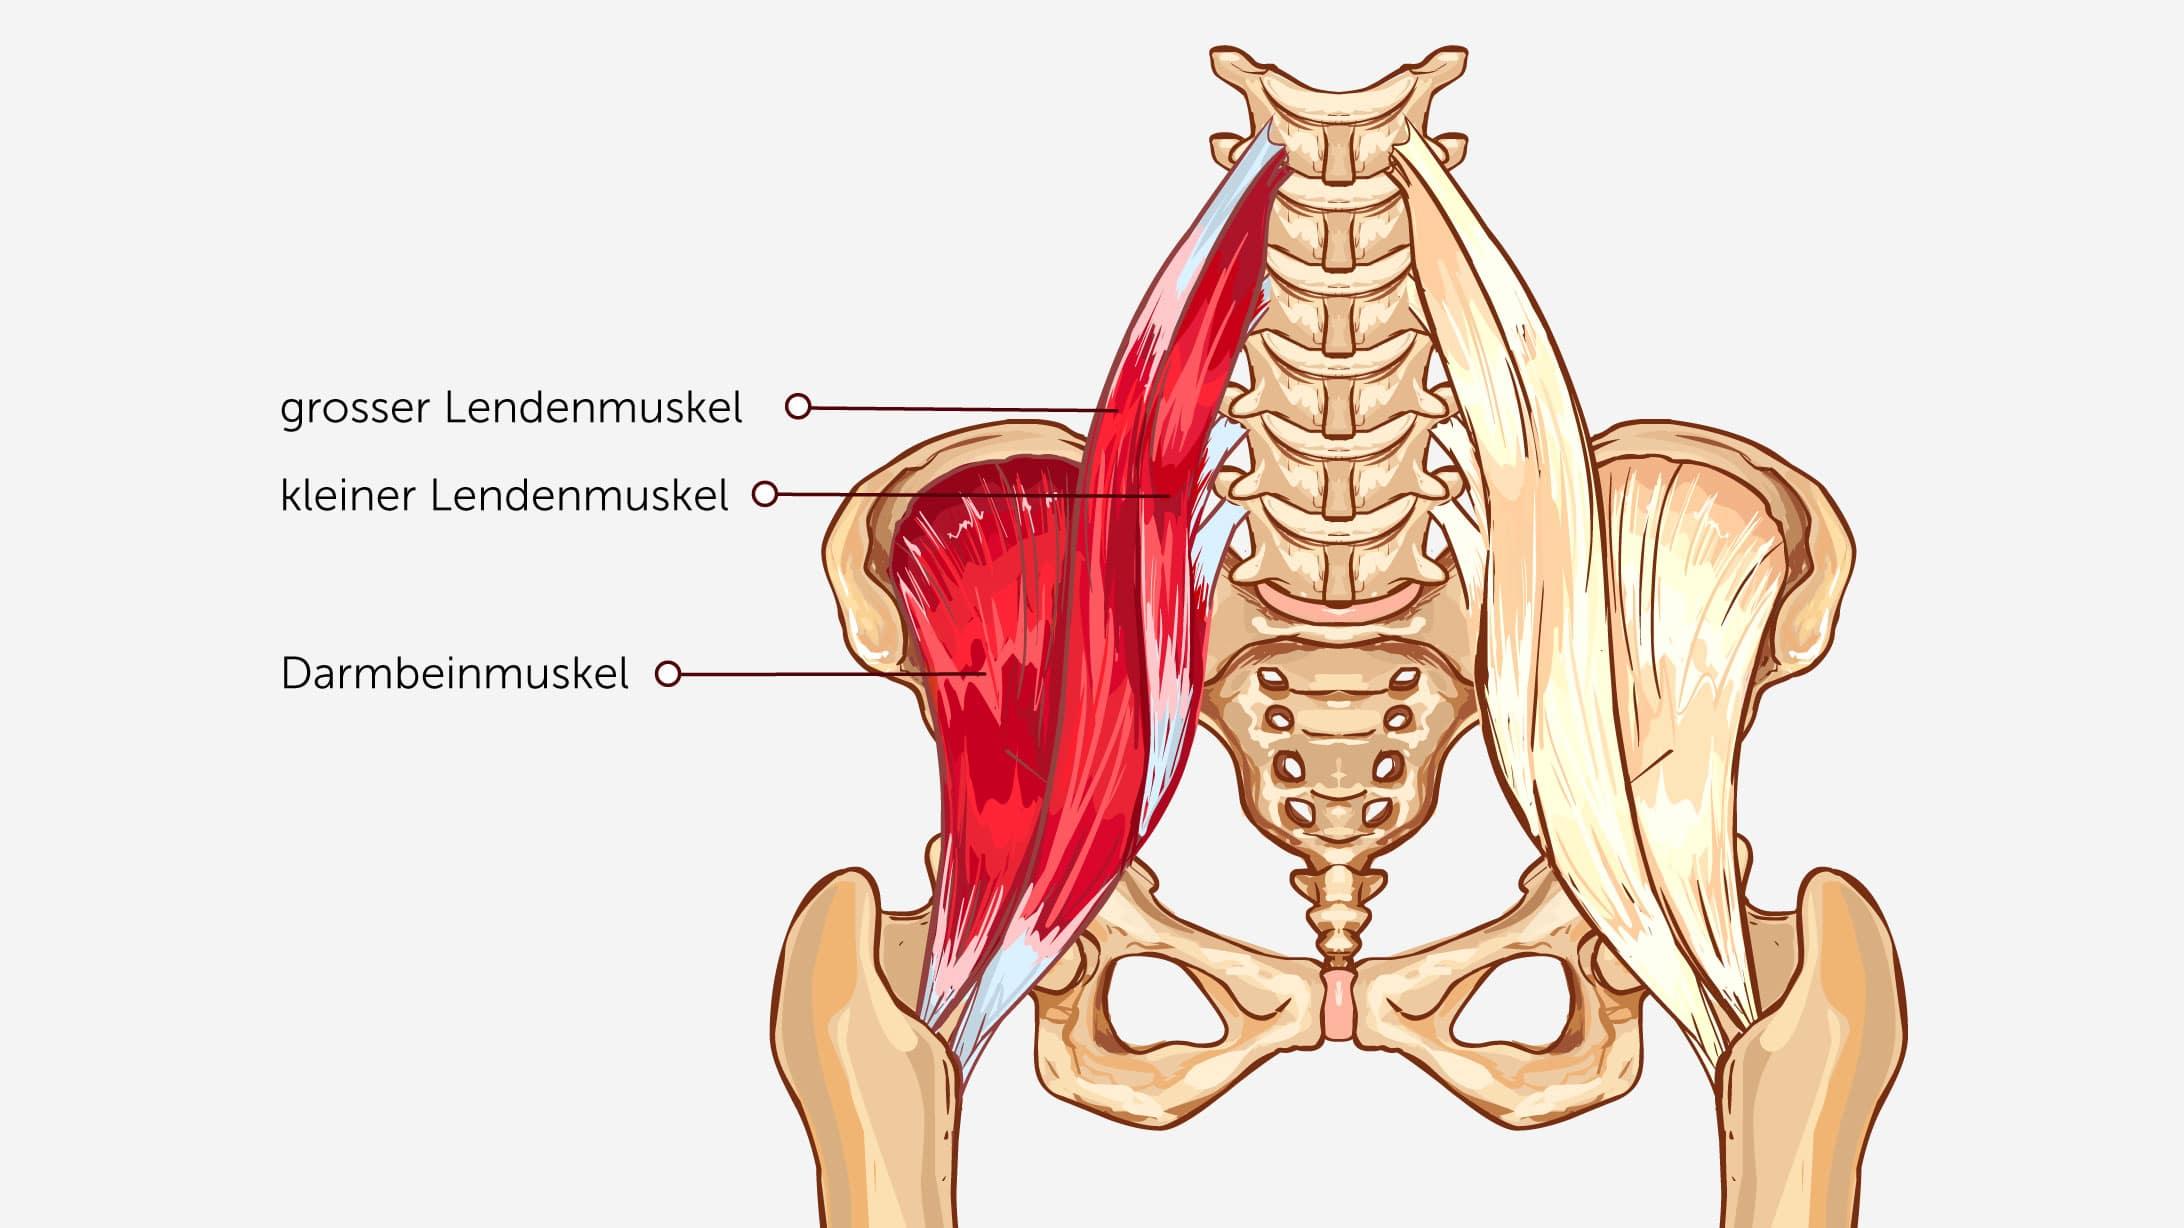 Illustration eines Hüftgelenks. Hervorgehoben sind der grosse Lendenmuskel, der kleine Lendenmuskel sowie der Darmbeinmuskel. Die Sehne dieser Muskeln löst das Knacken in der Hüfte aus.